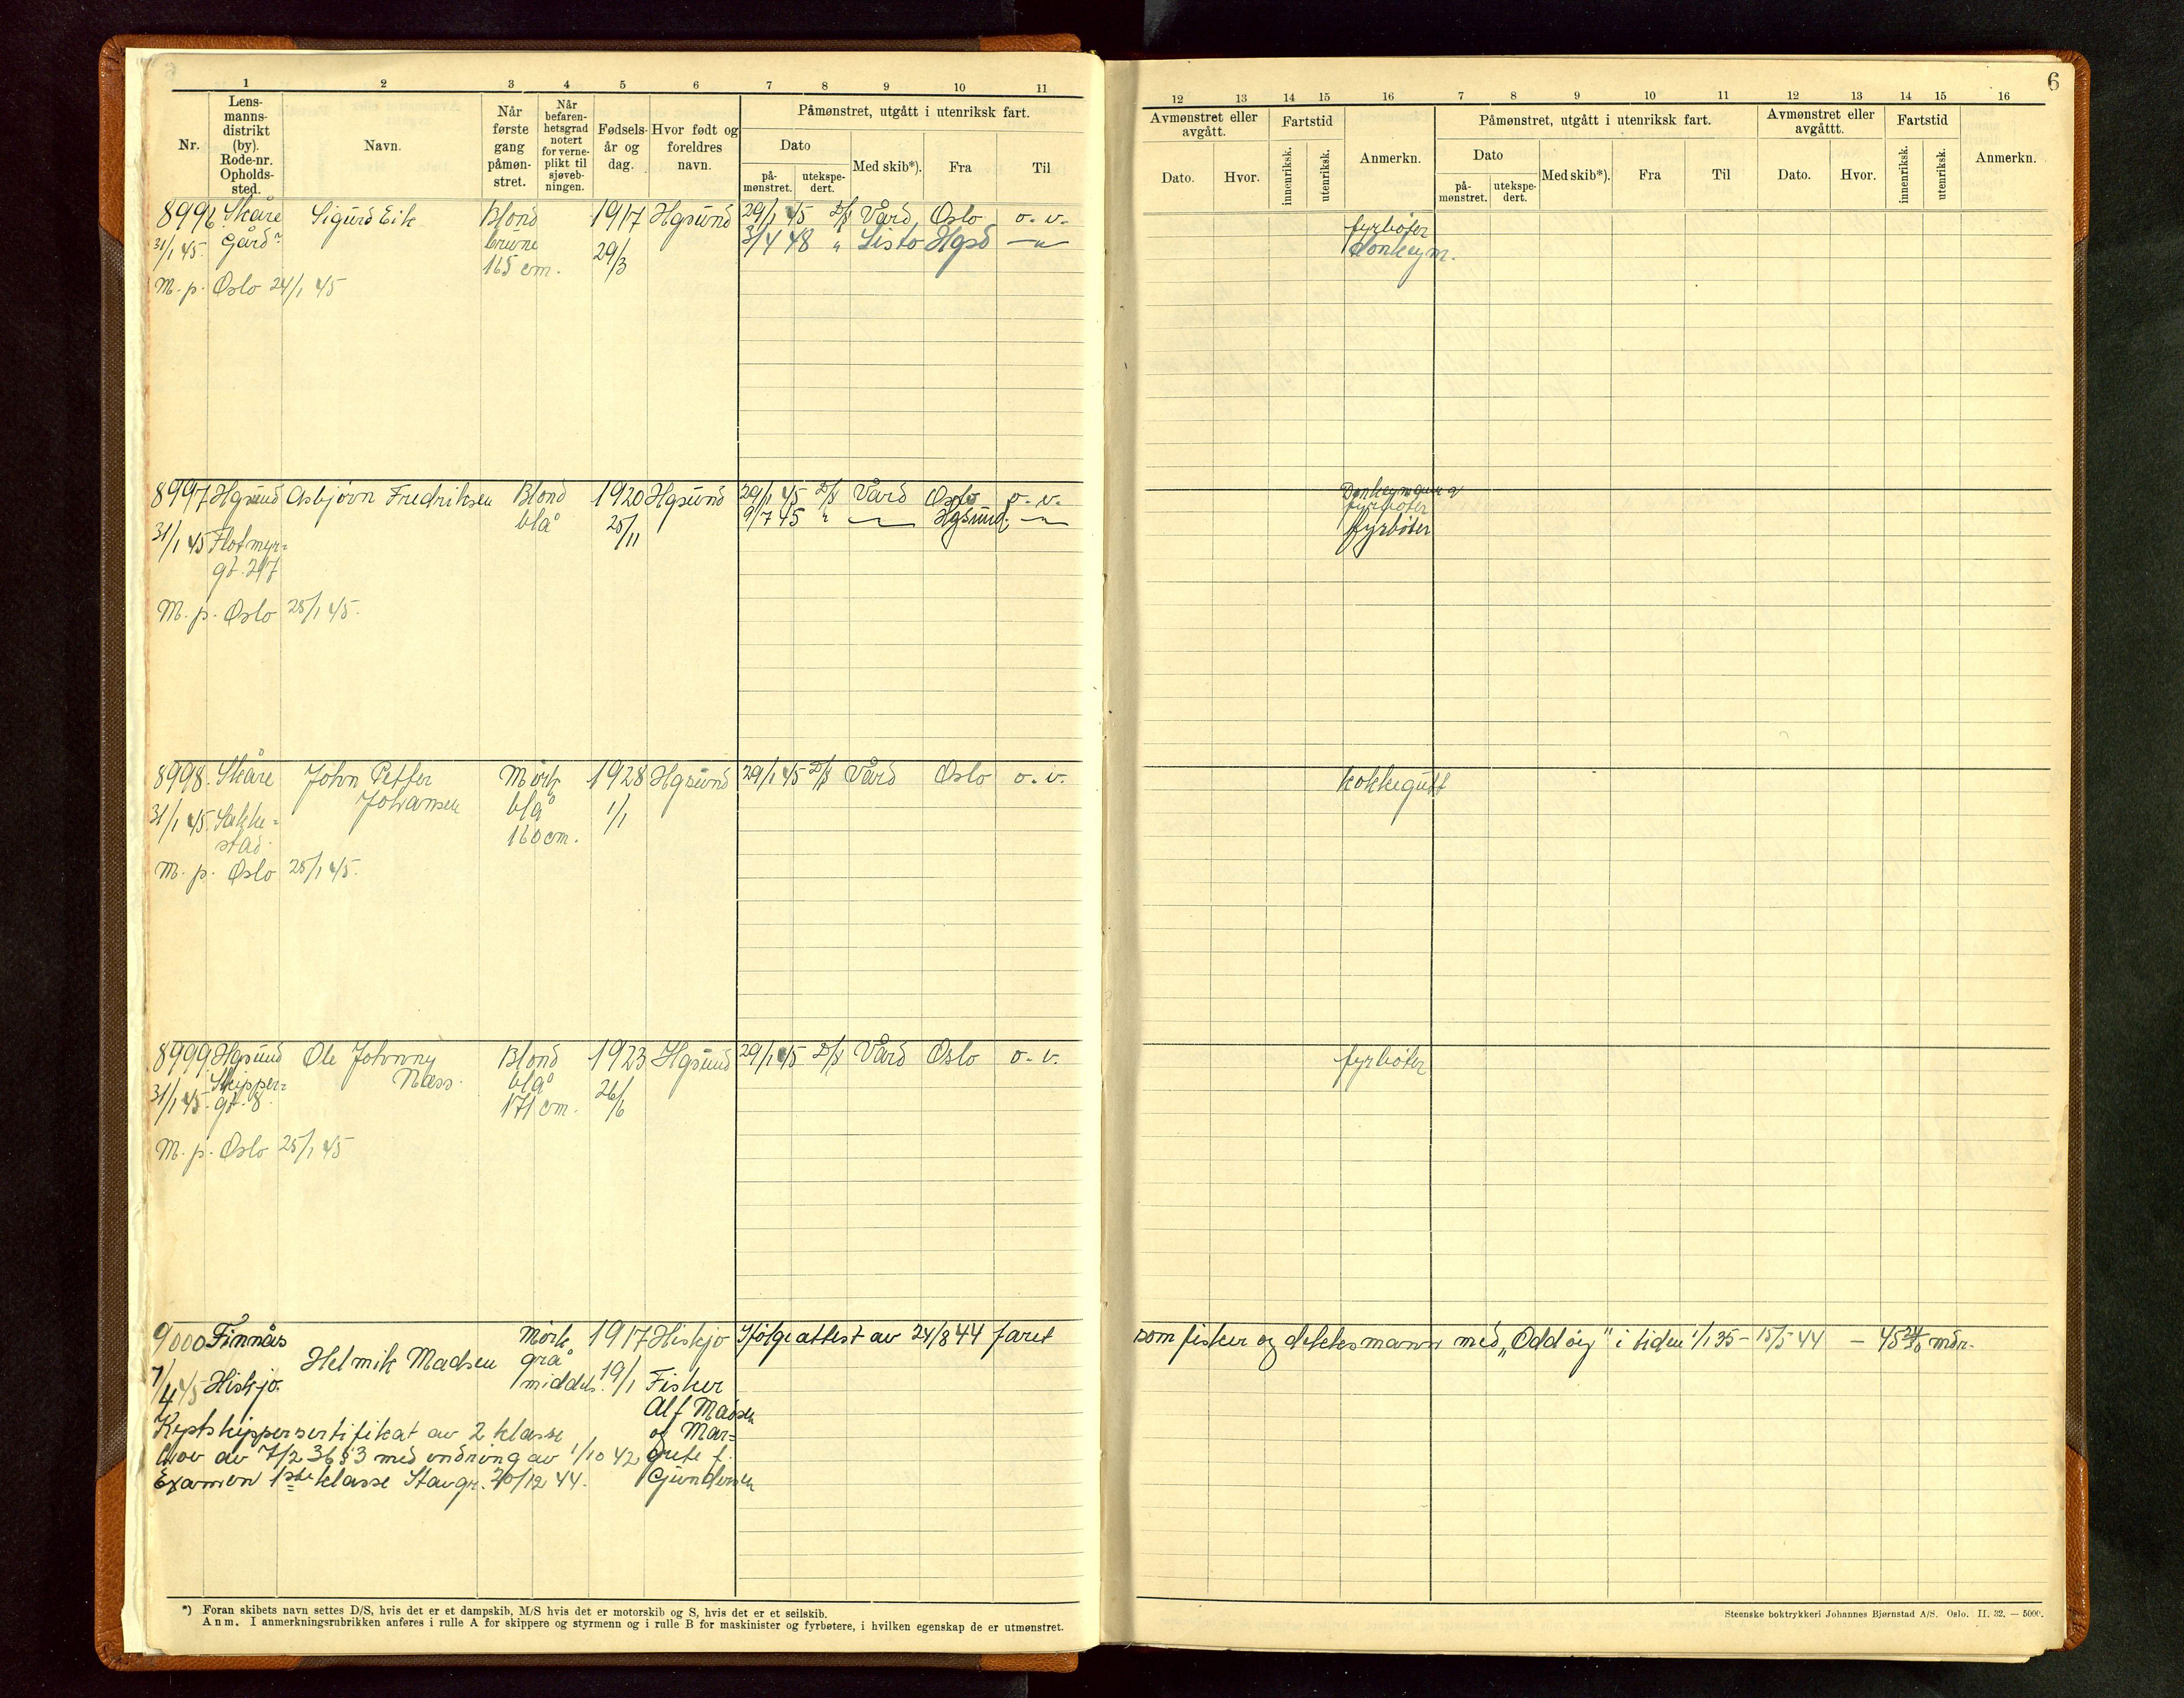 SAST, Haugesund sjømannskontor, F/Fb/Fbb/L0012: Sjøfartsrulle A Haugesund krets 2 nr. 8971-9629, 1868-1948, s. 6